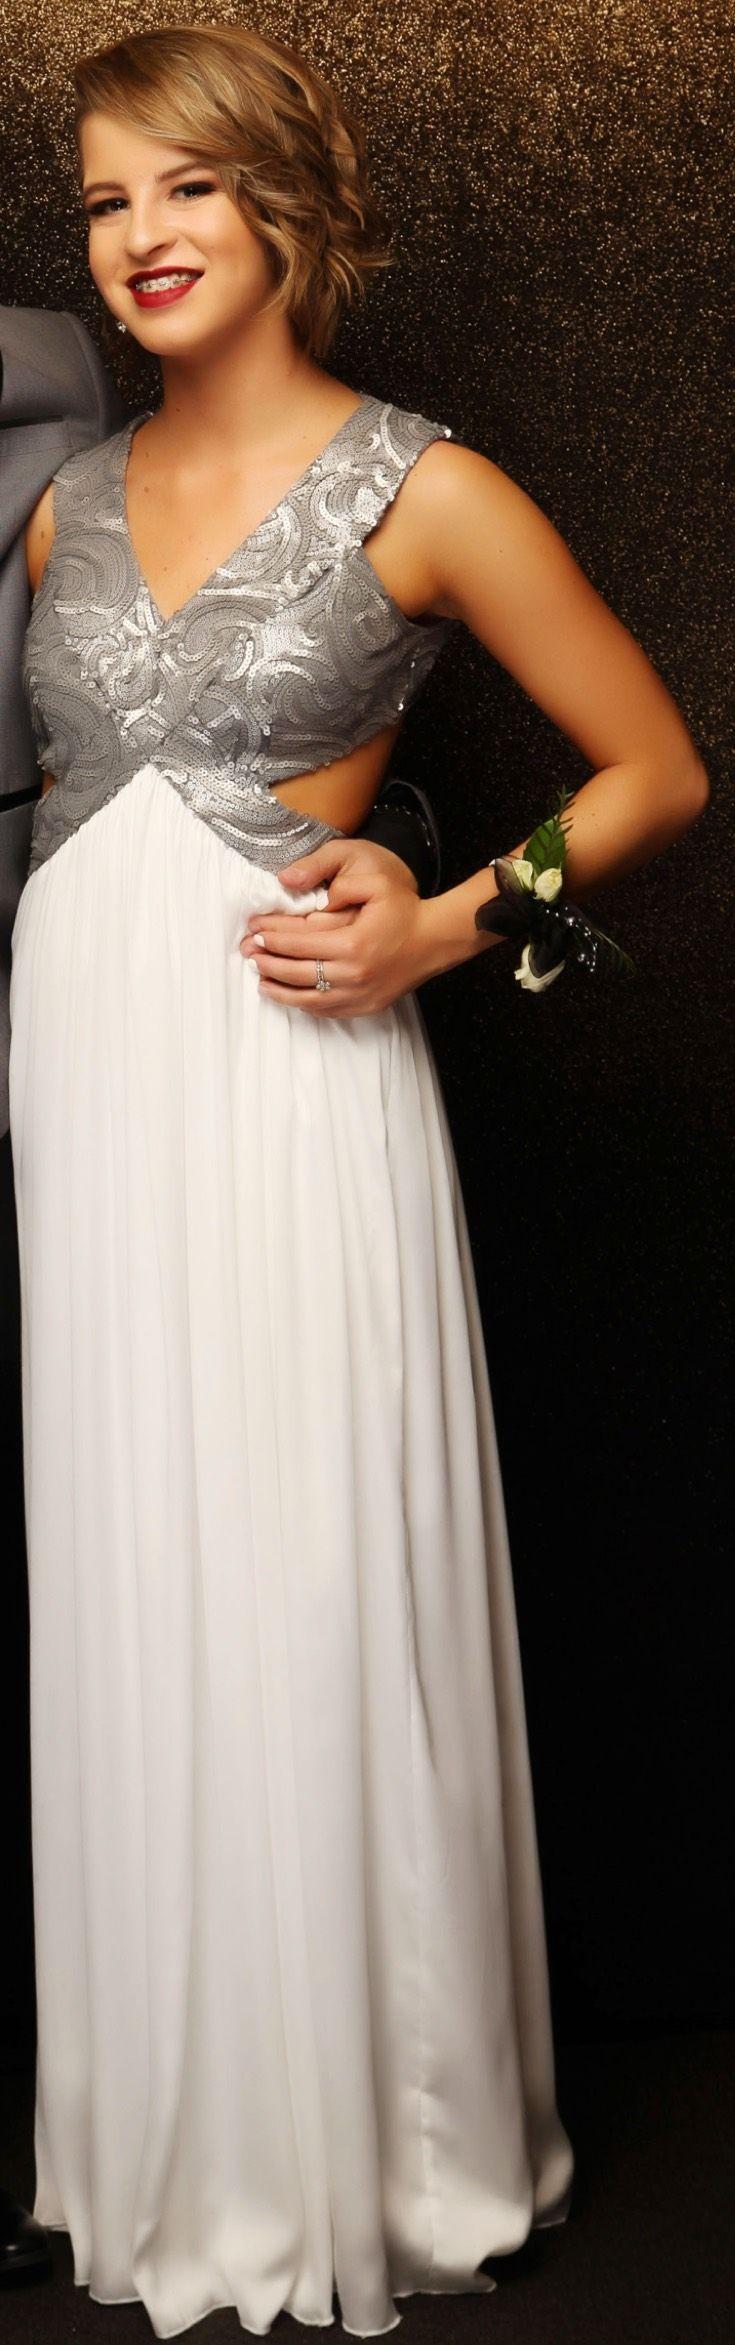 Pin by Anastasiya Koshman on Fashion outfits | Fashion ...